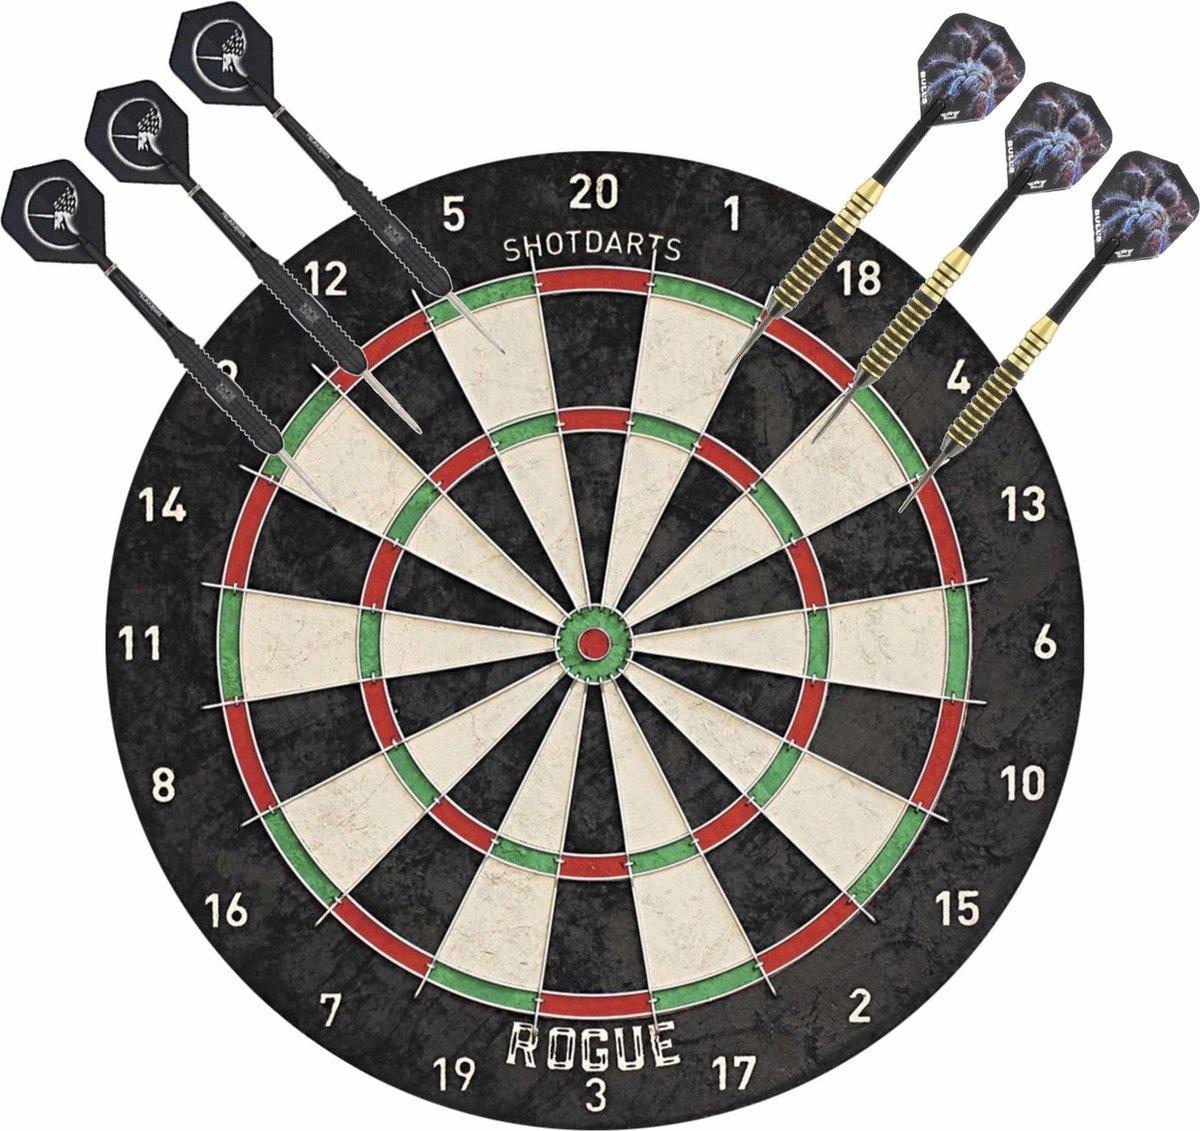 Professioneel dartbord Rogue Bristle incl 2 sets dartpijlen 22 grams - Sportief spelen - Darten/darts - Dartborden voor kinderen en volwassenen.